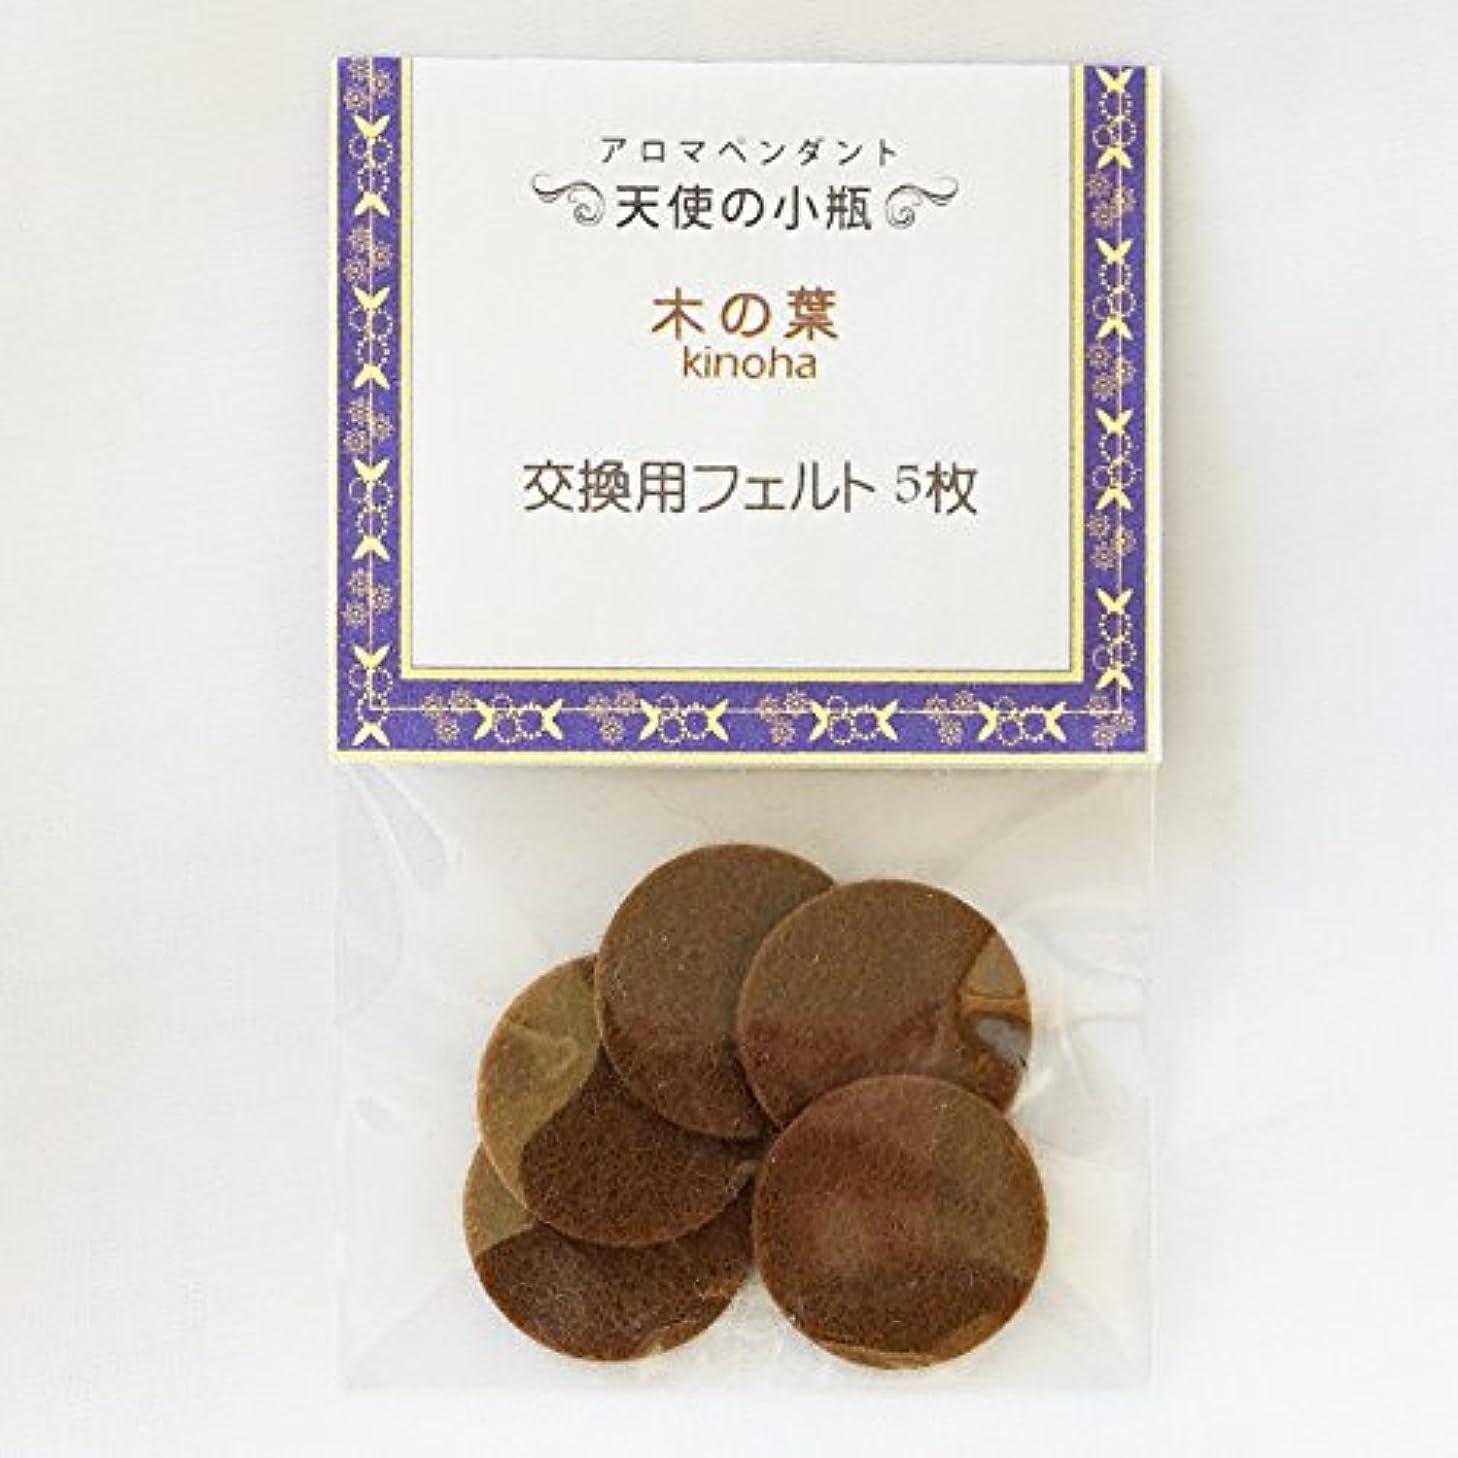 ペフ発行キャッシュ【天使の小瓶】 木の葉(アンティークゴールド)交換用フェルト5枚